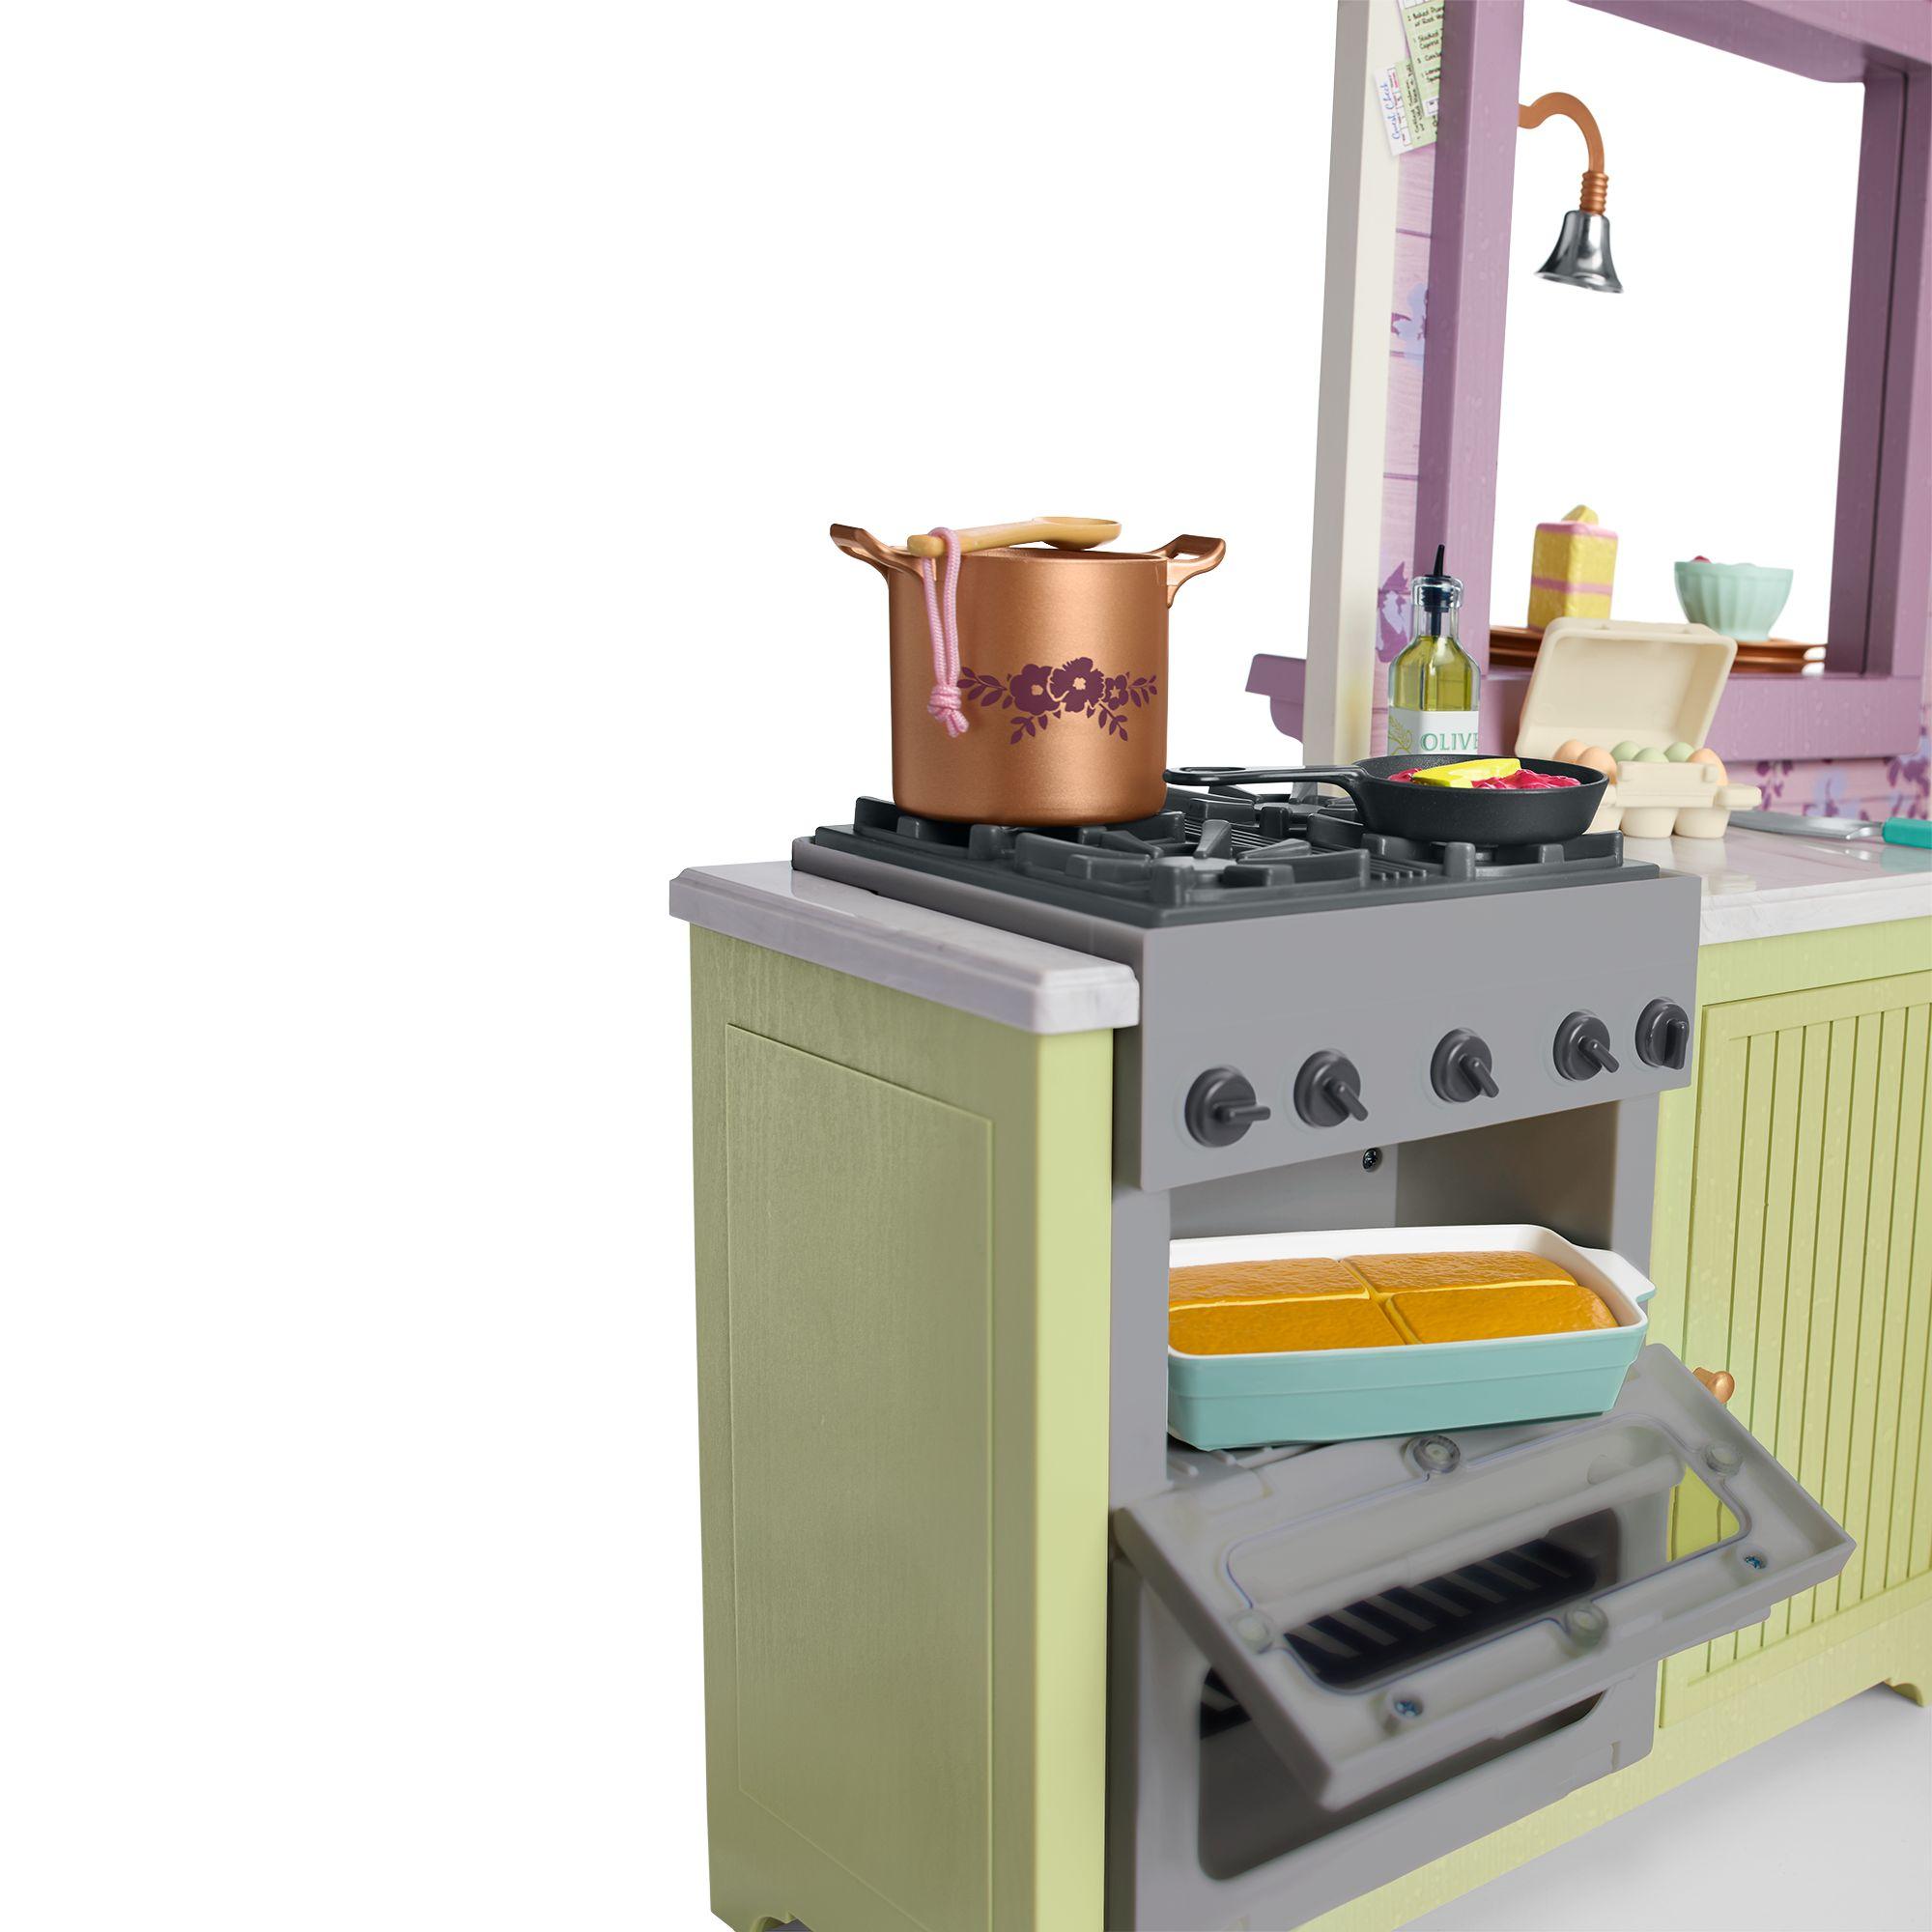 BlaireFamilyFarmRestaurant stove.jpg